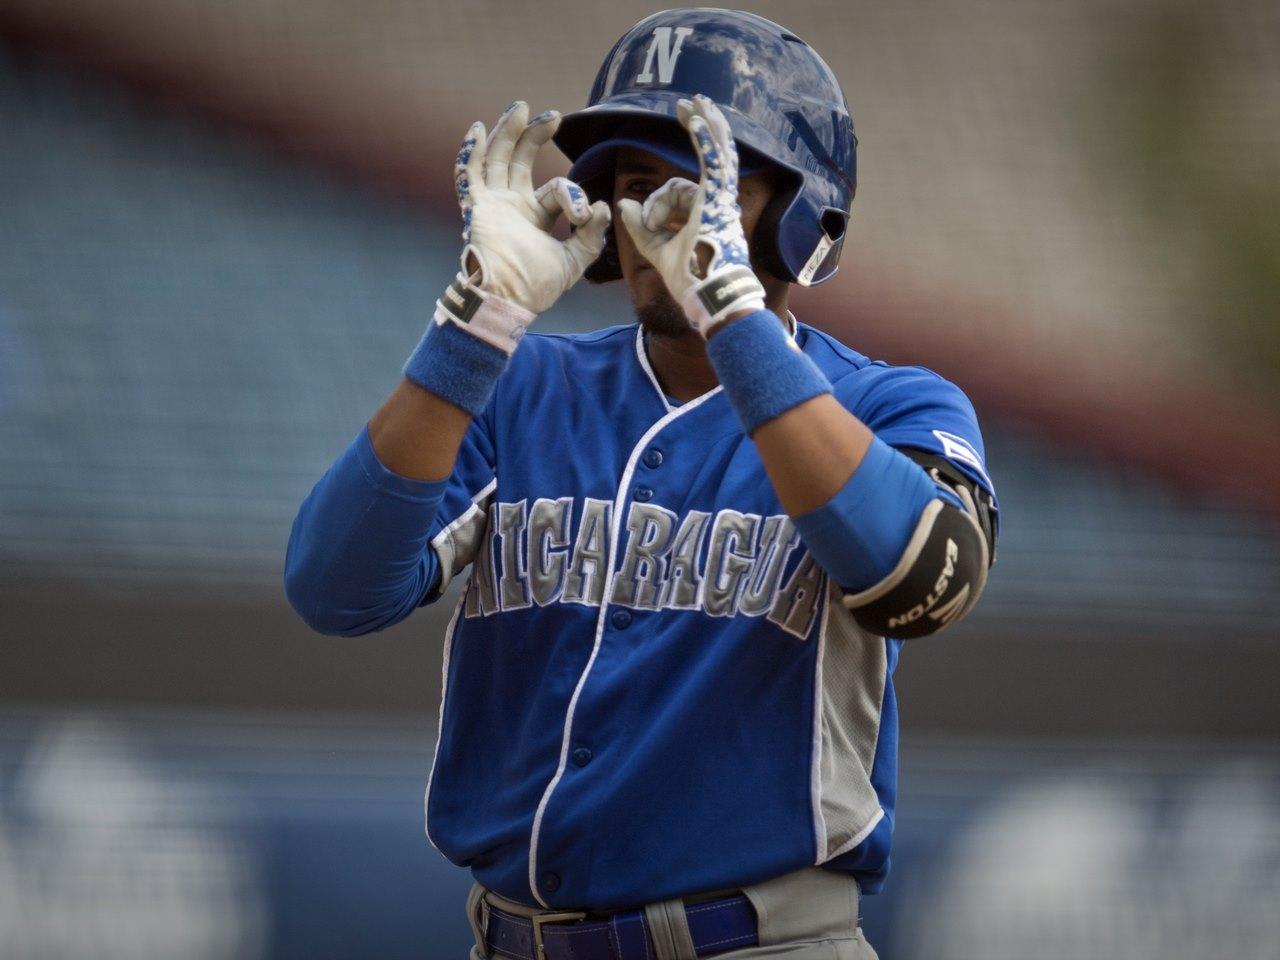 世界16位ニカラグアは野球代表チーム史上最大の目標を目指す